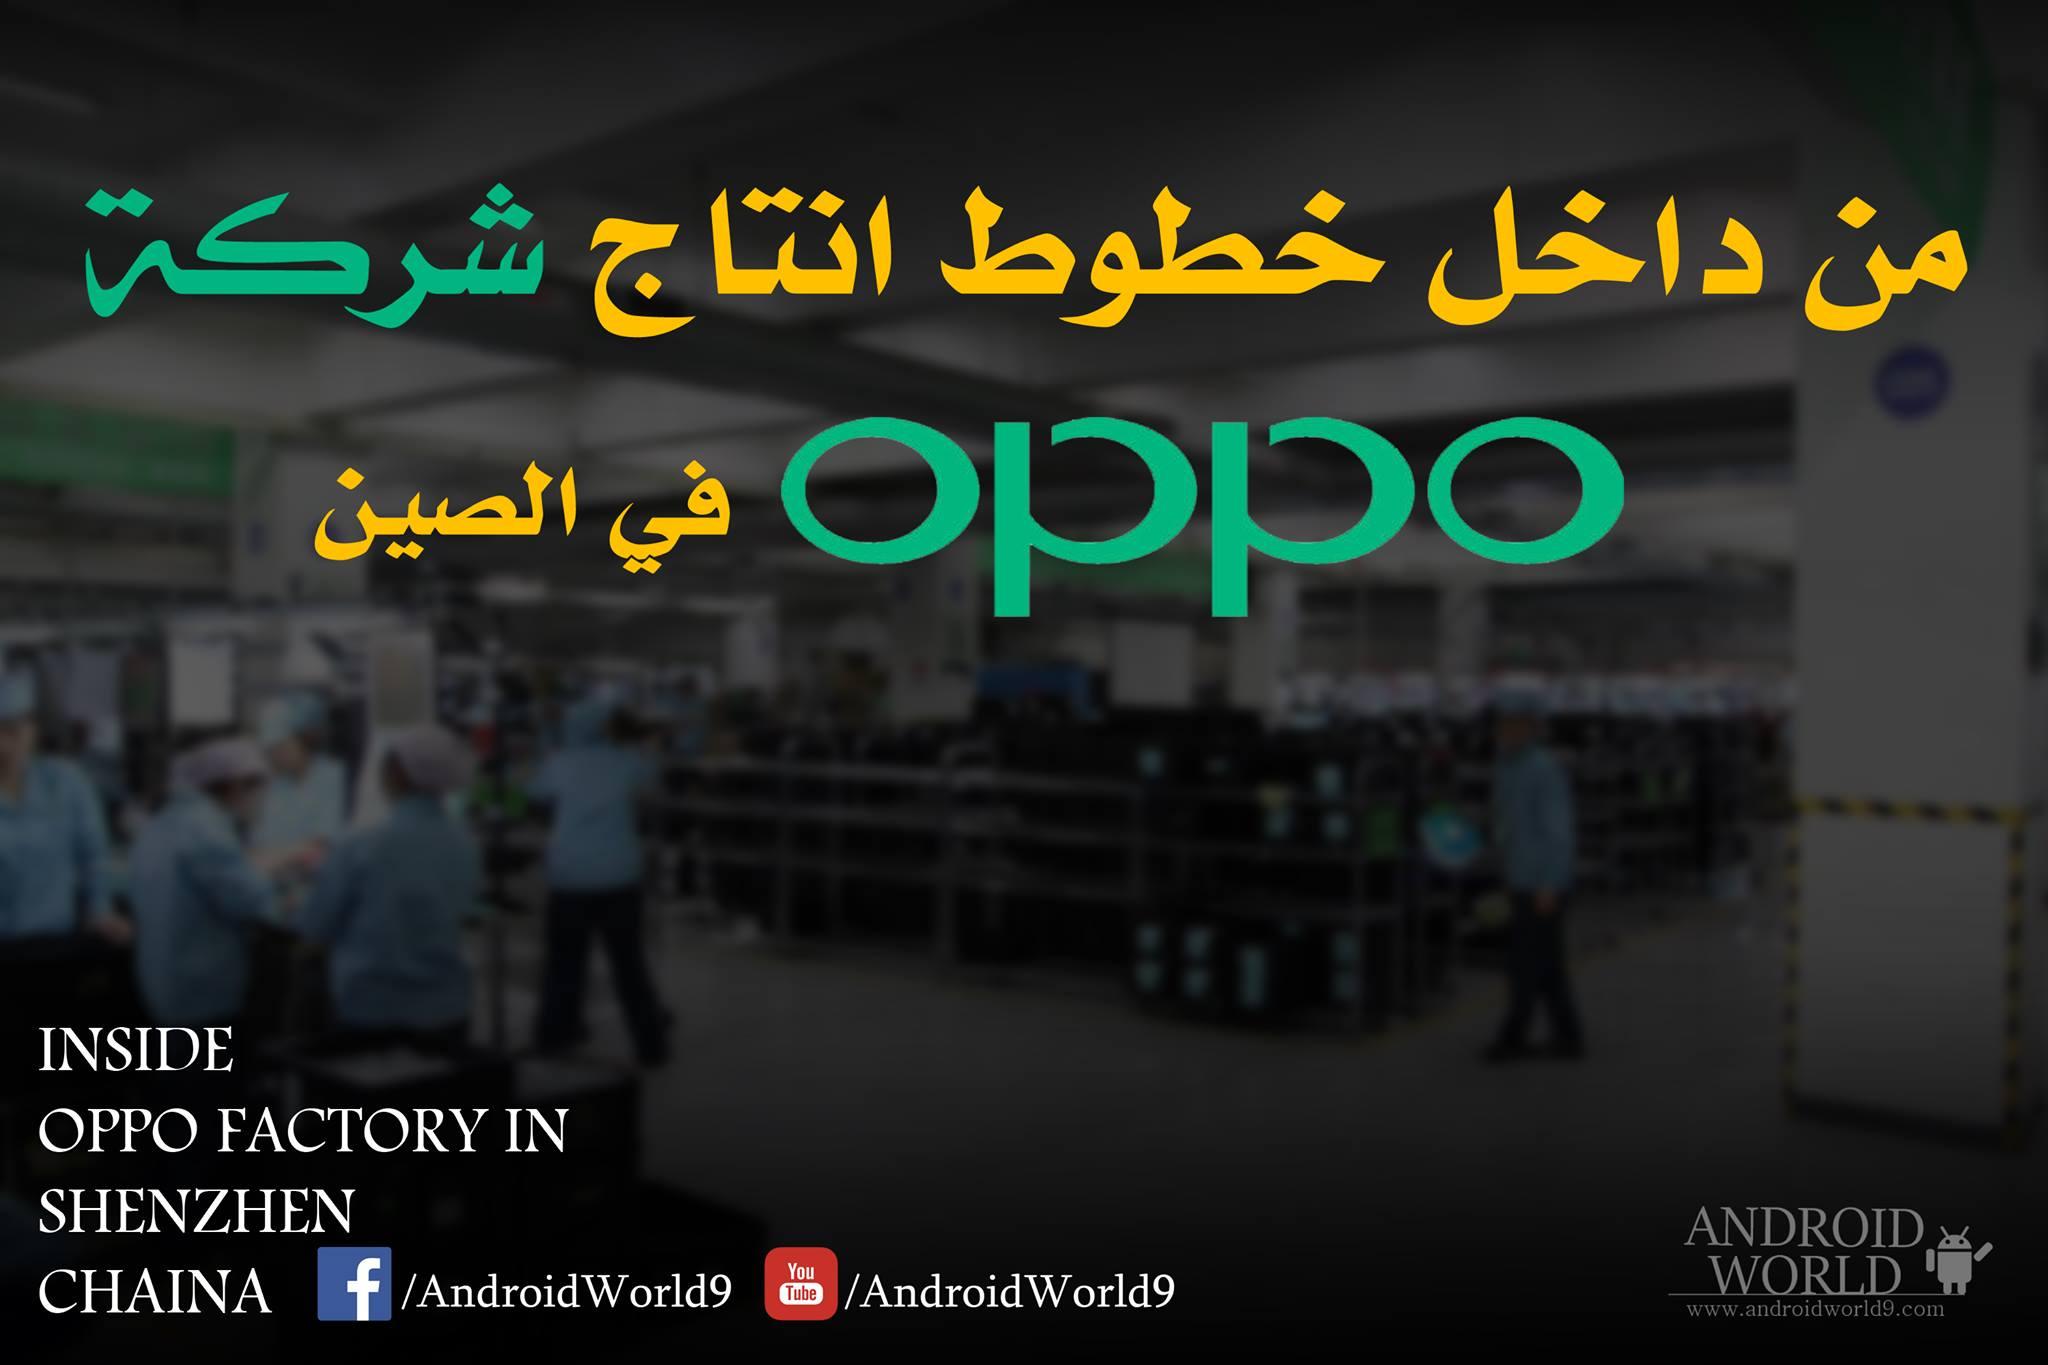 """جولة أندرويد ورلد داخل مصانع أوبو Oppo في الصين """" مراحل التصنيع """""""